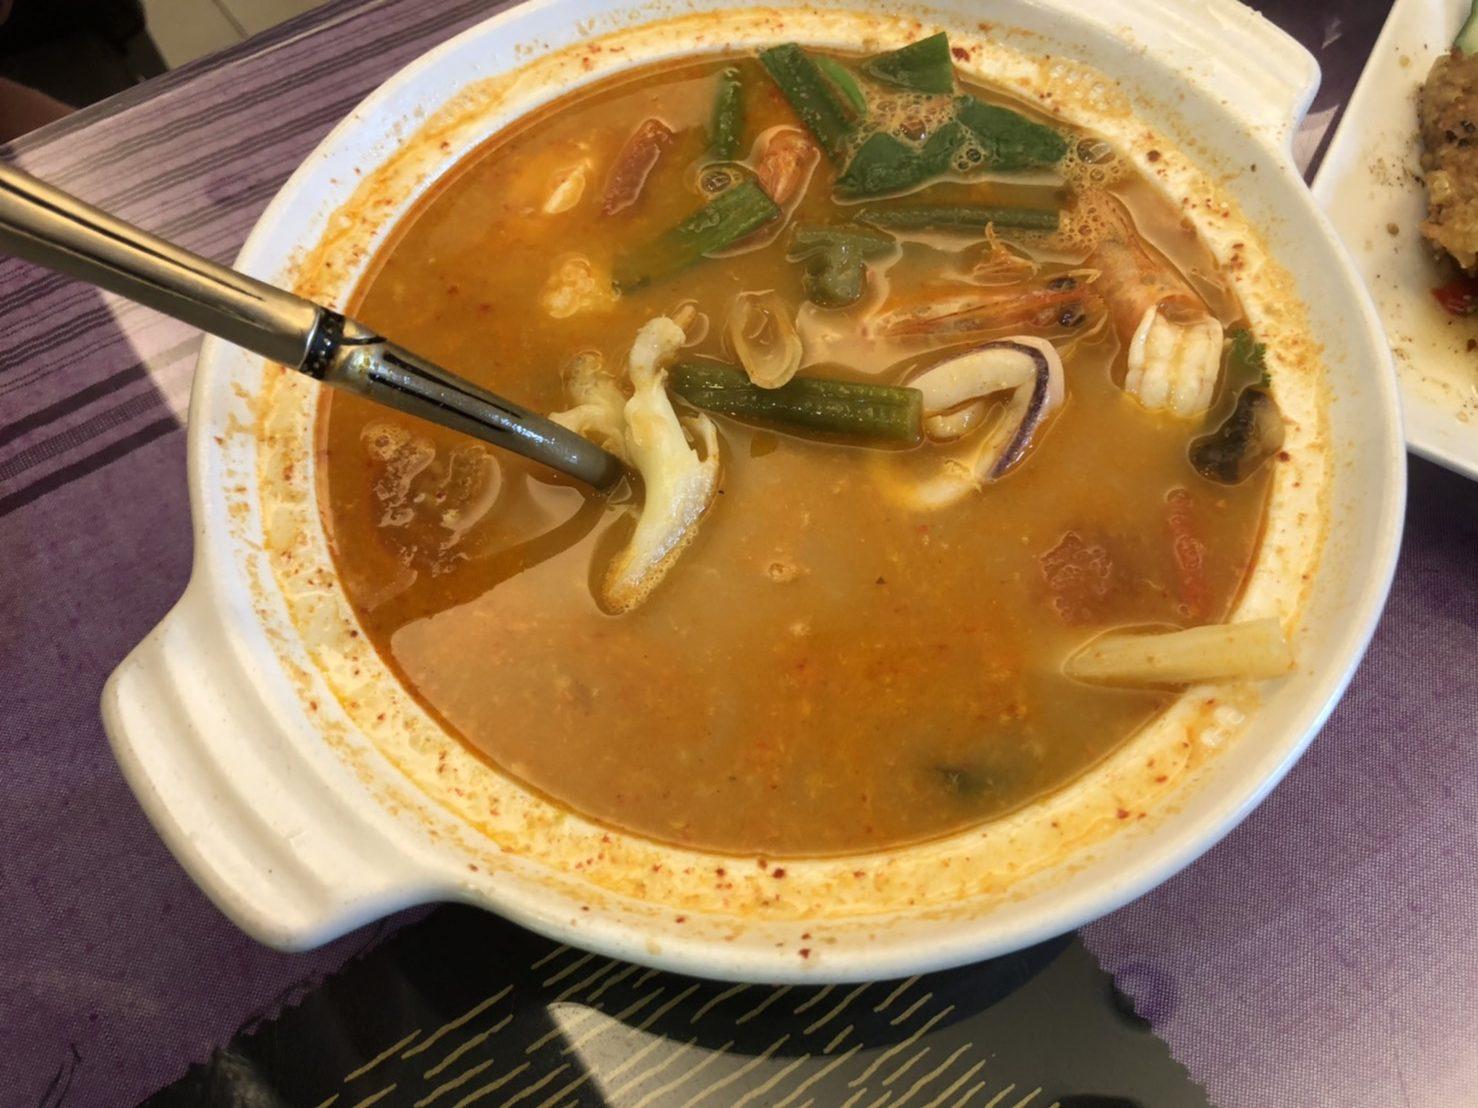 竹南.繽紛泰,泰式料理,美味、舒適家庭式用餐空間